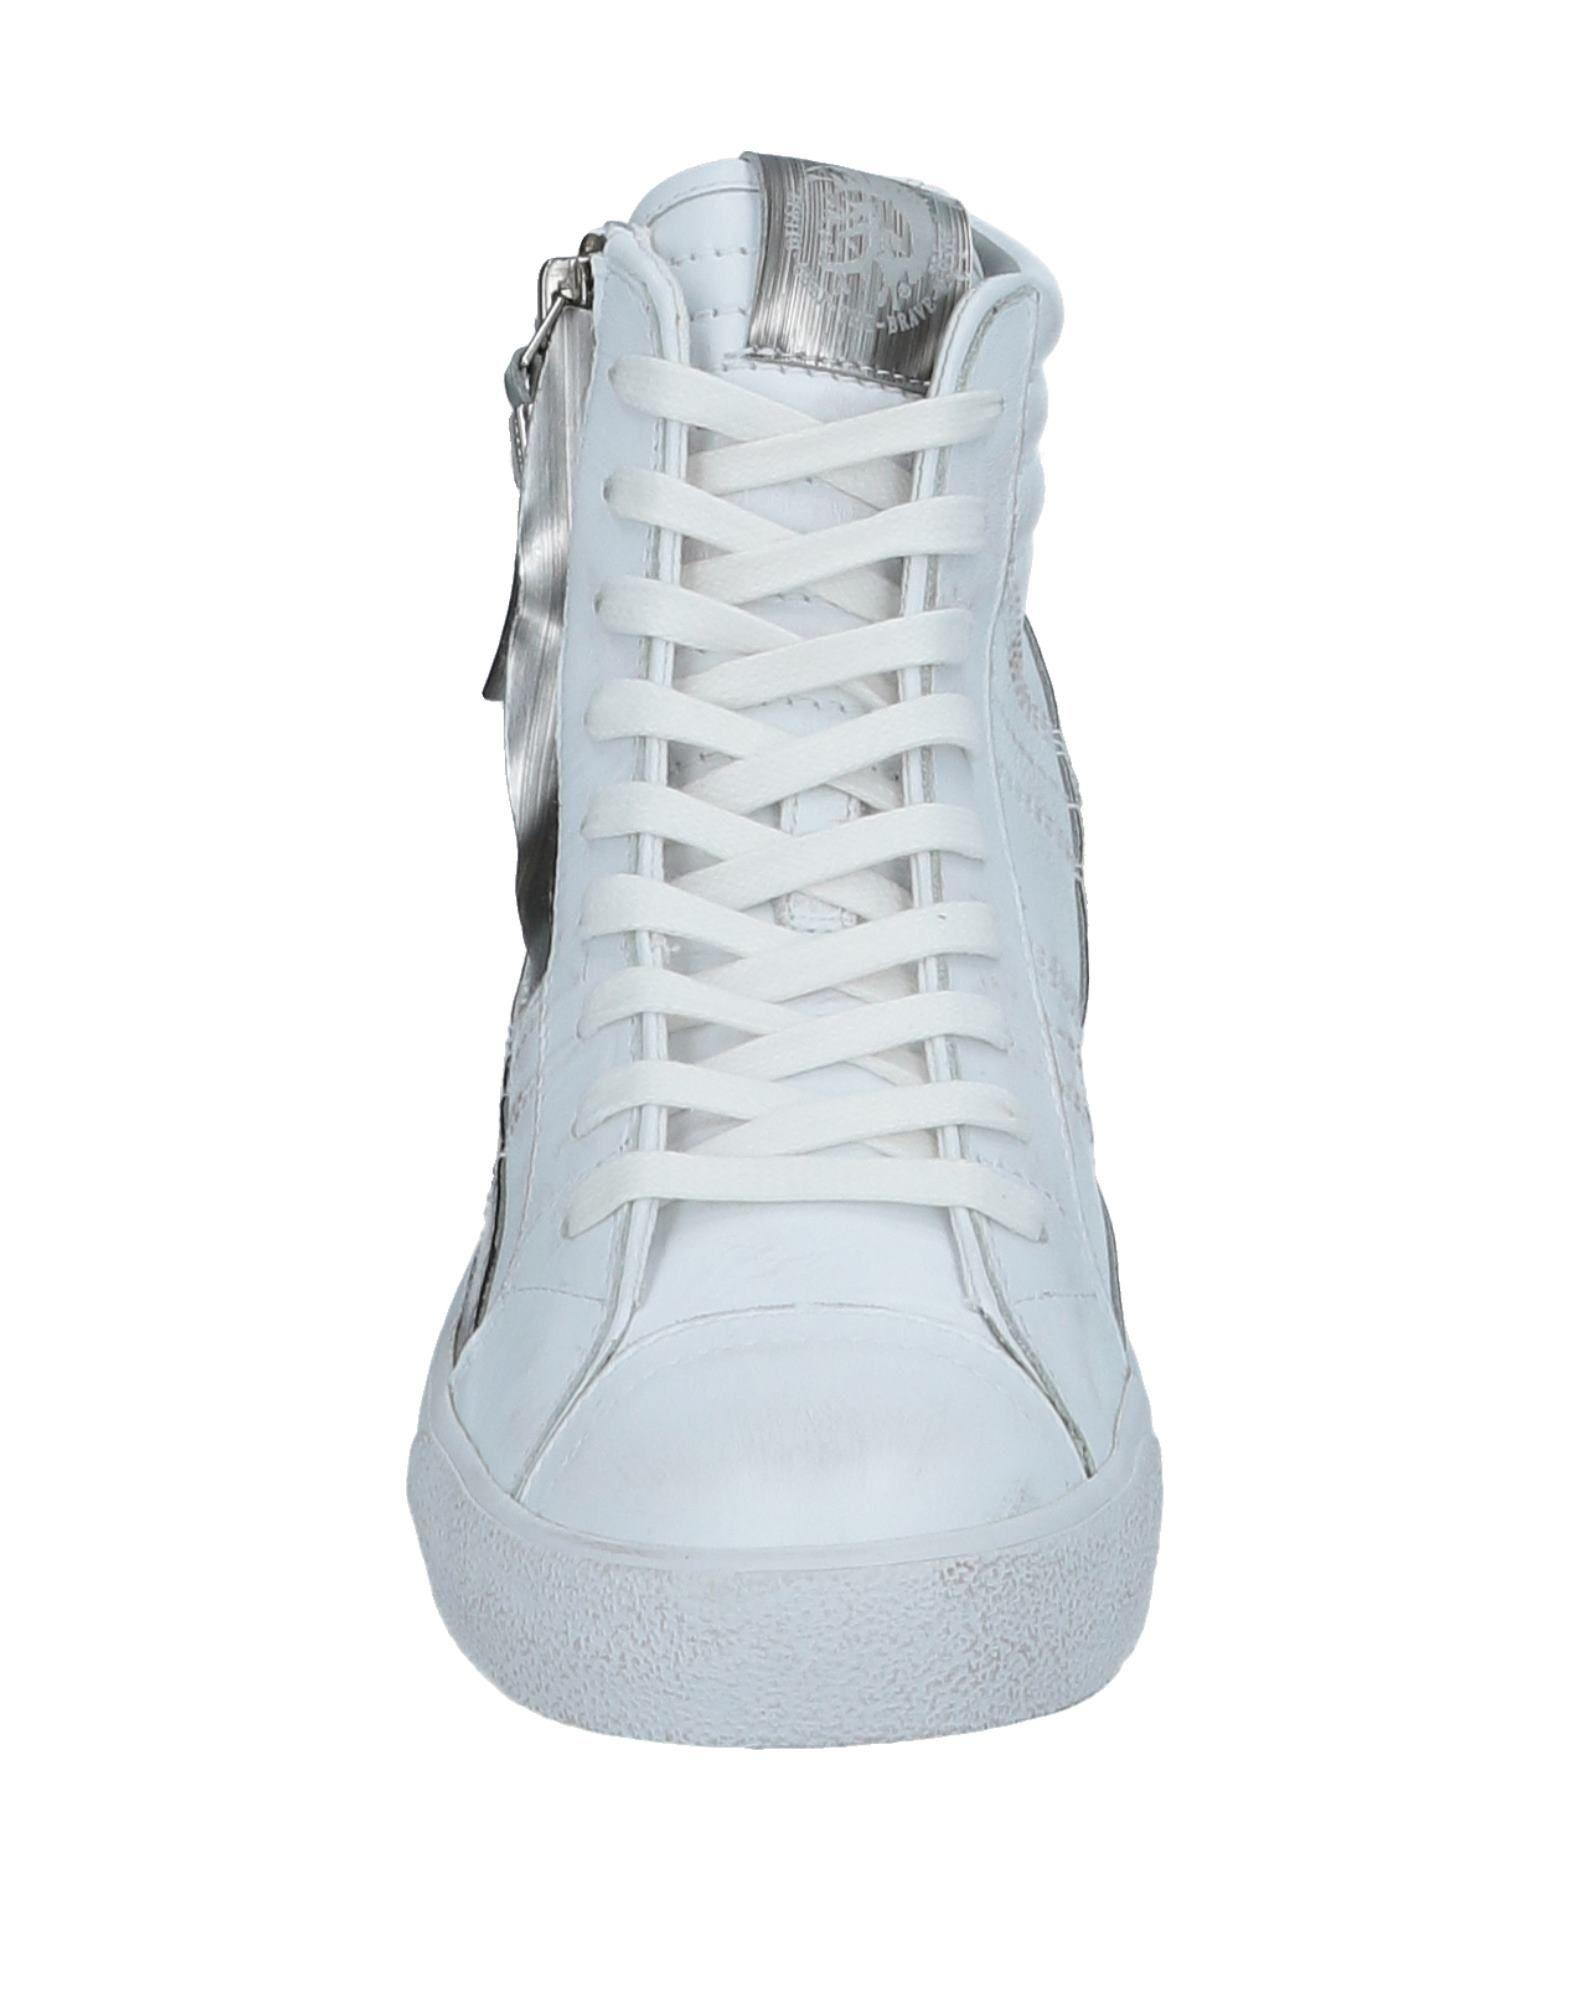 Diesel Turnschuhes Damen 11423684RN Gute Schuhe Qualität beliebte Schuhe Gute d63c5a